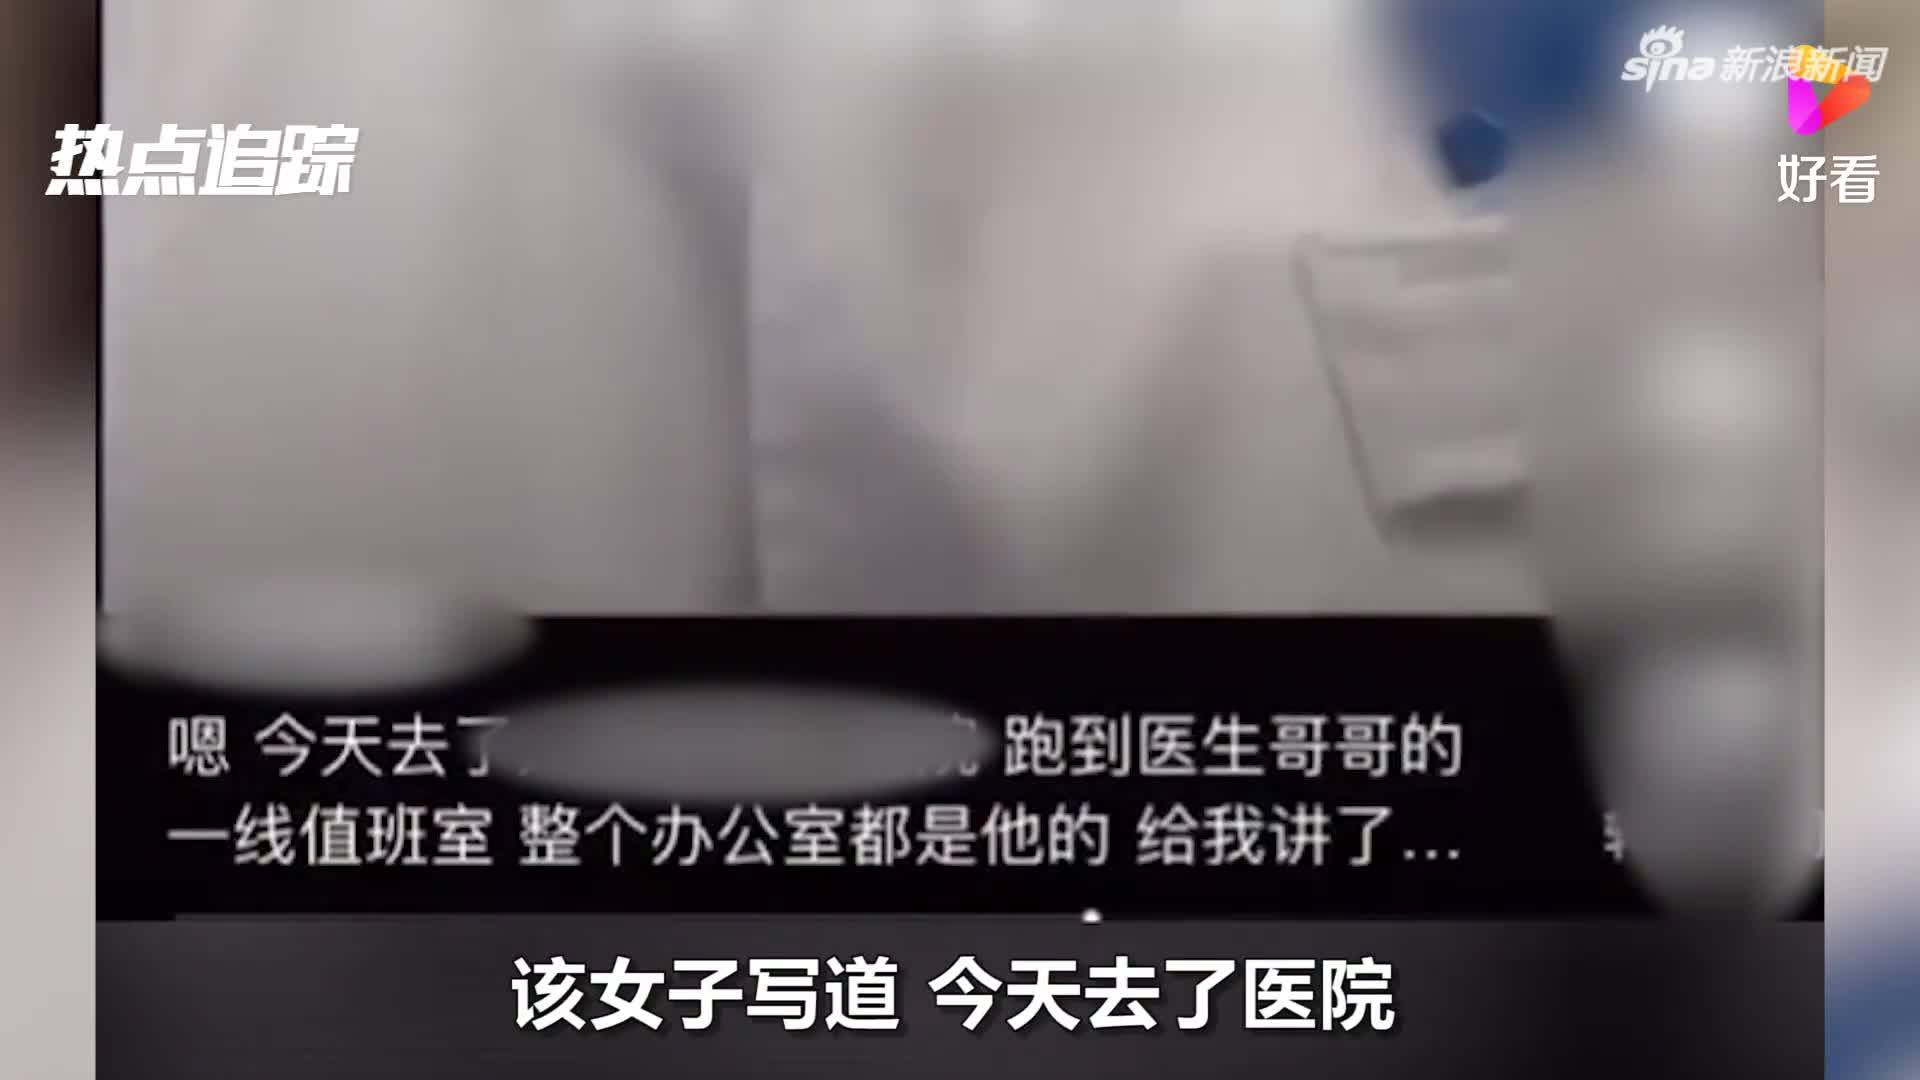 北京一实习医生让女友冒充护士? 涉事女子否认一点:有人恶意中伤